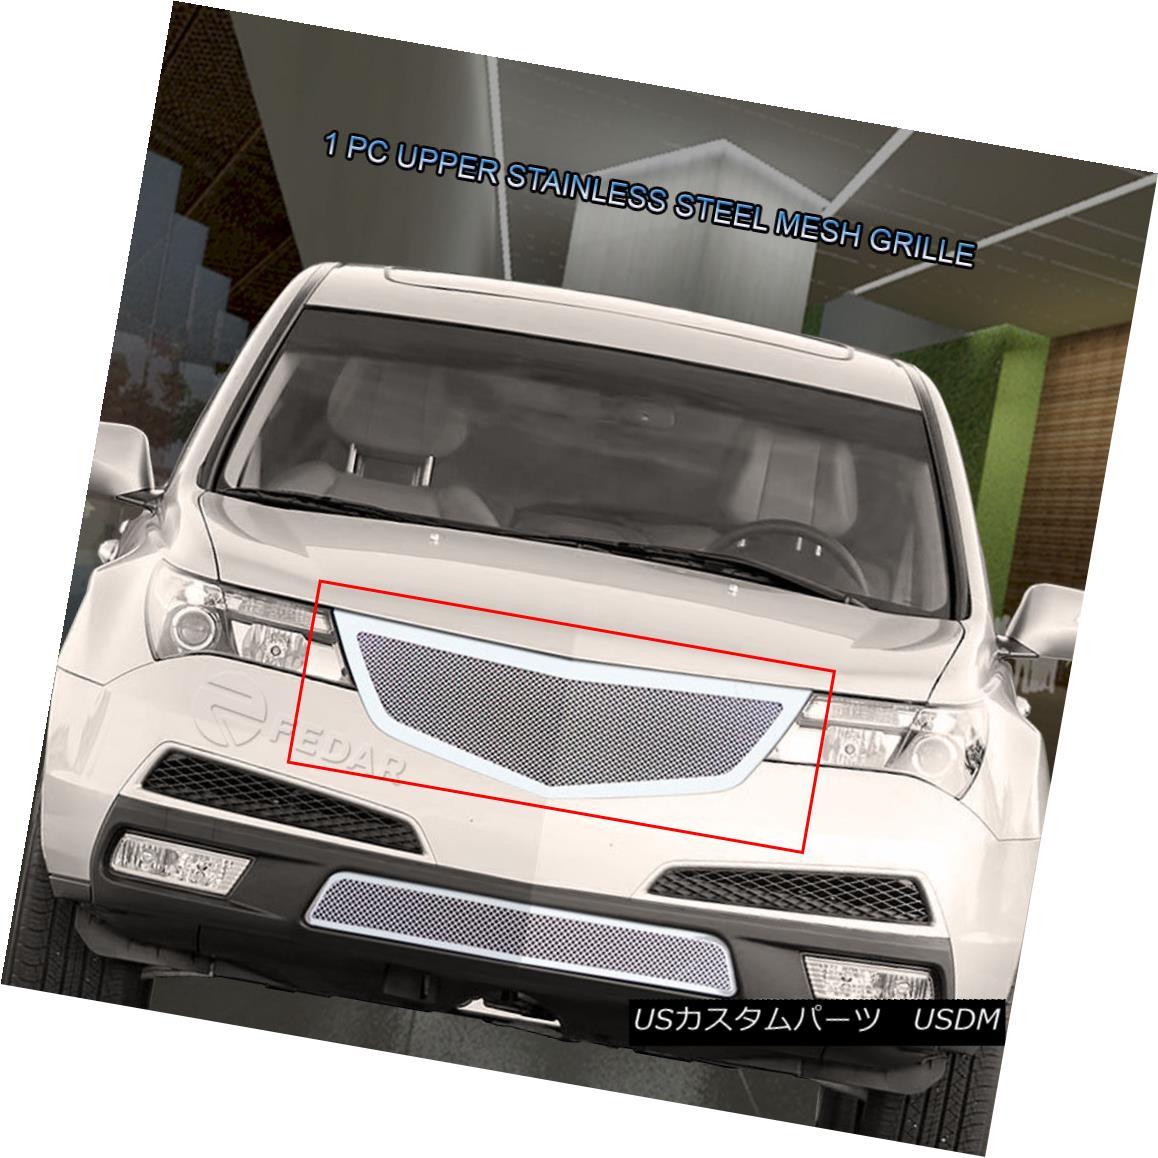 グリル 2010 - 2013 Acura MDX Stainless Steel Wire Mesh Grille Upper Grill Insert Fedar 2010 - 2013アキュラMDXステンレススチールワイヤーメッシュグリルアッパーグリルインサートフェルダー